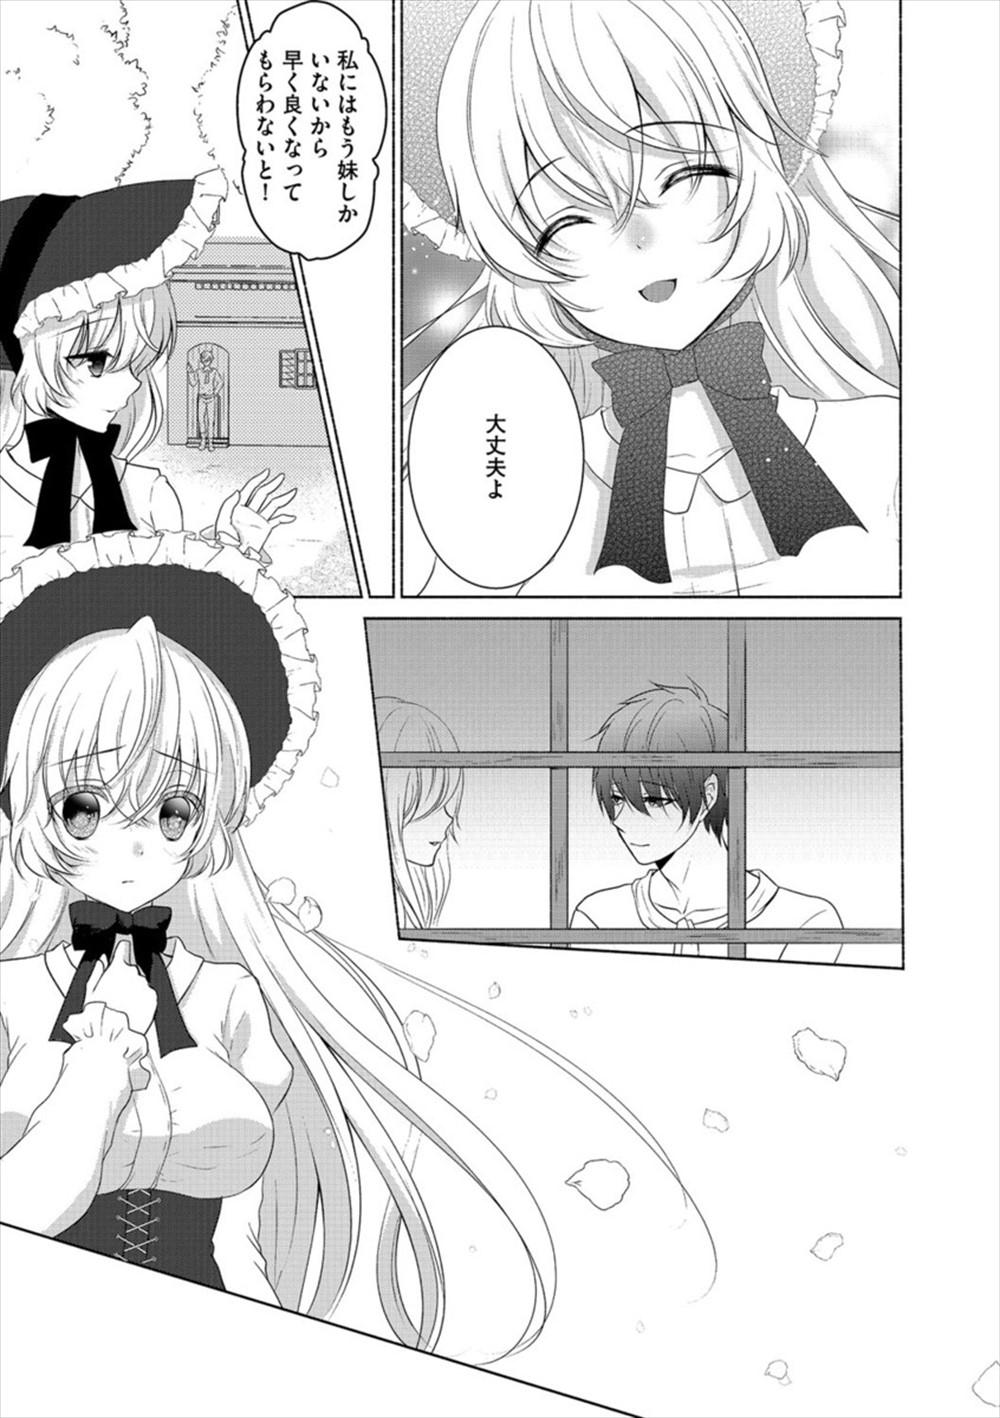 【エロ漫画】妹の薬代を稼ぐために売春をしている姉が妹の彼氏に見つかり目の前でNTRレイプされるwww